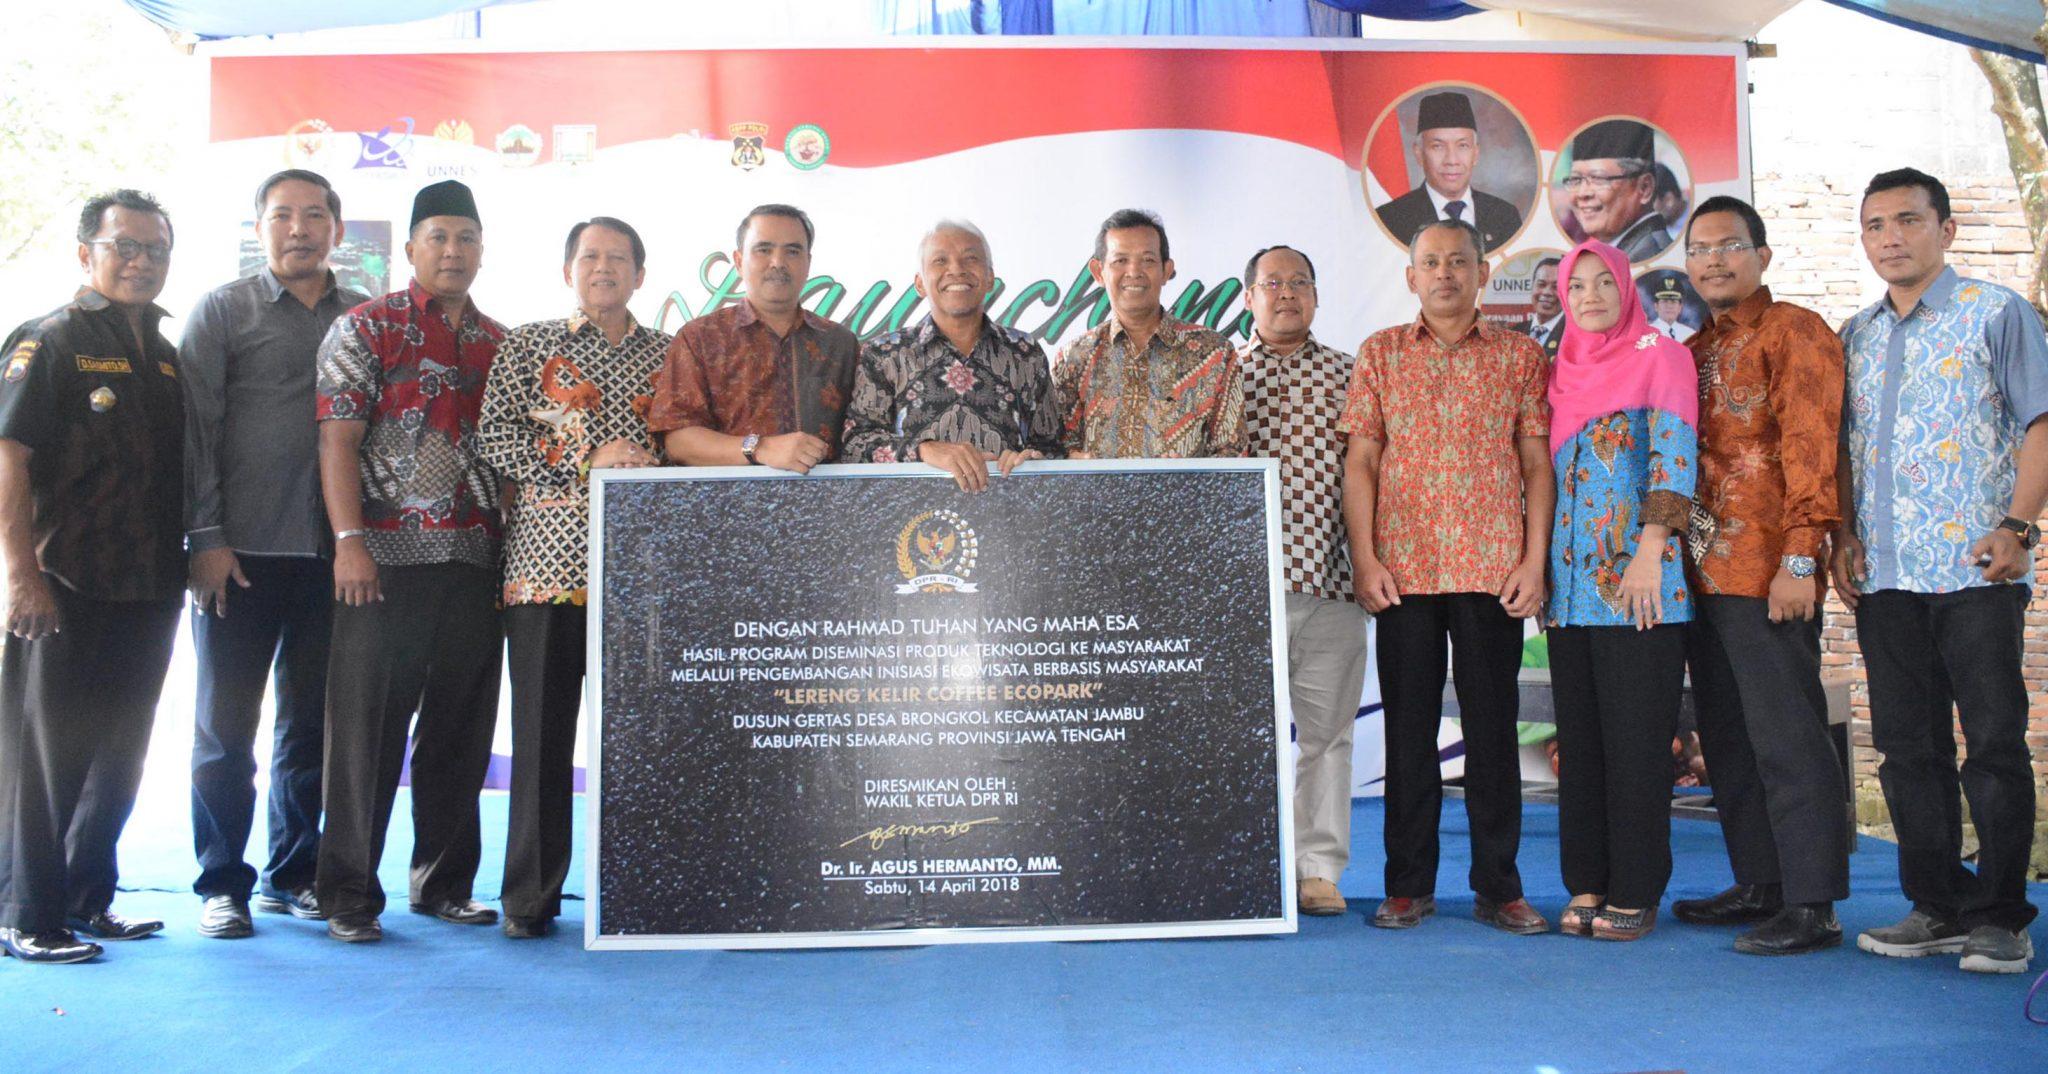 Desa Binaan UNNES, Lereng Kelir Coffee Ecopark Menjadi Destinasi Wisata di Jawa Tengah